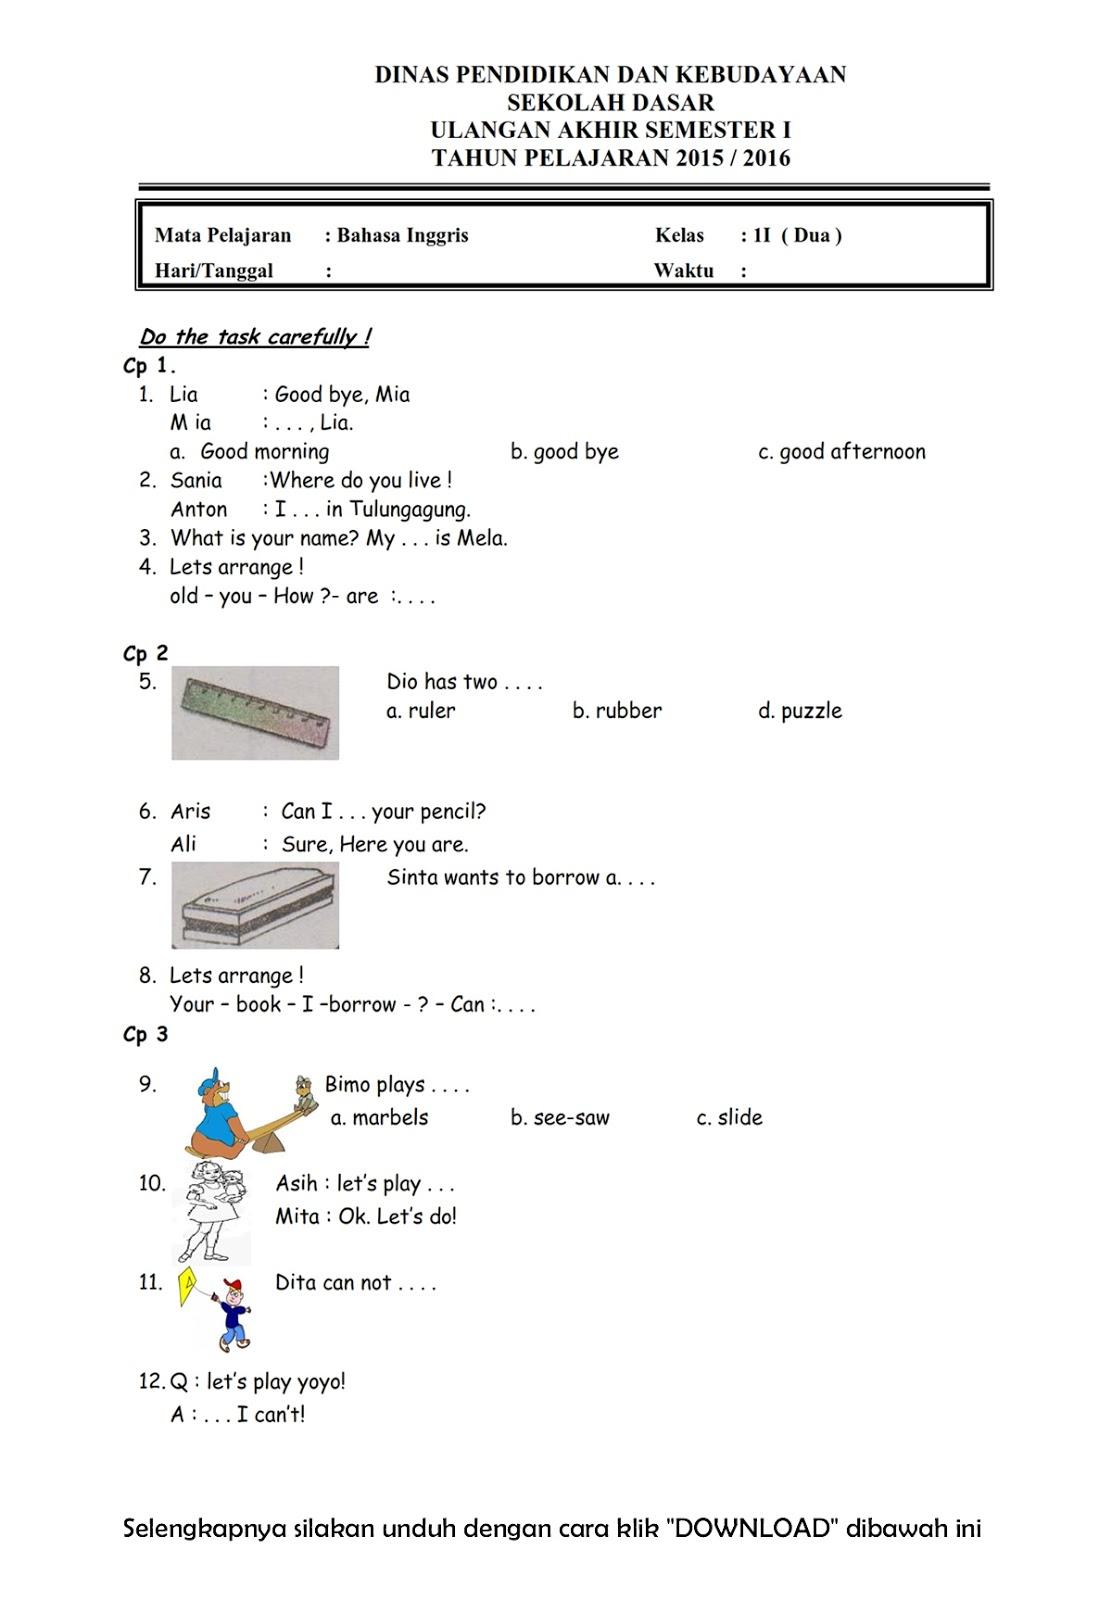 Soal Bahasa Inggris Semester Genap Kelas 2 Soal Uts Bahasa Inggris Kelas 4 Sdmi Semester 2 Download Soal Uas Bahasa Inggris Kelas 2 Semester 1 20152016 Rief